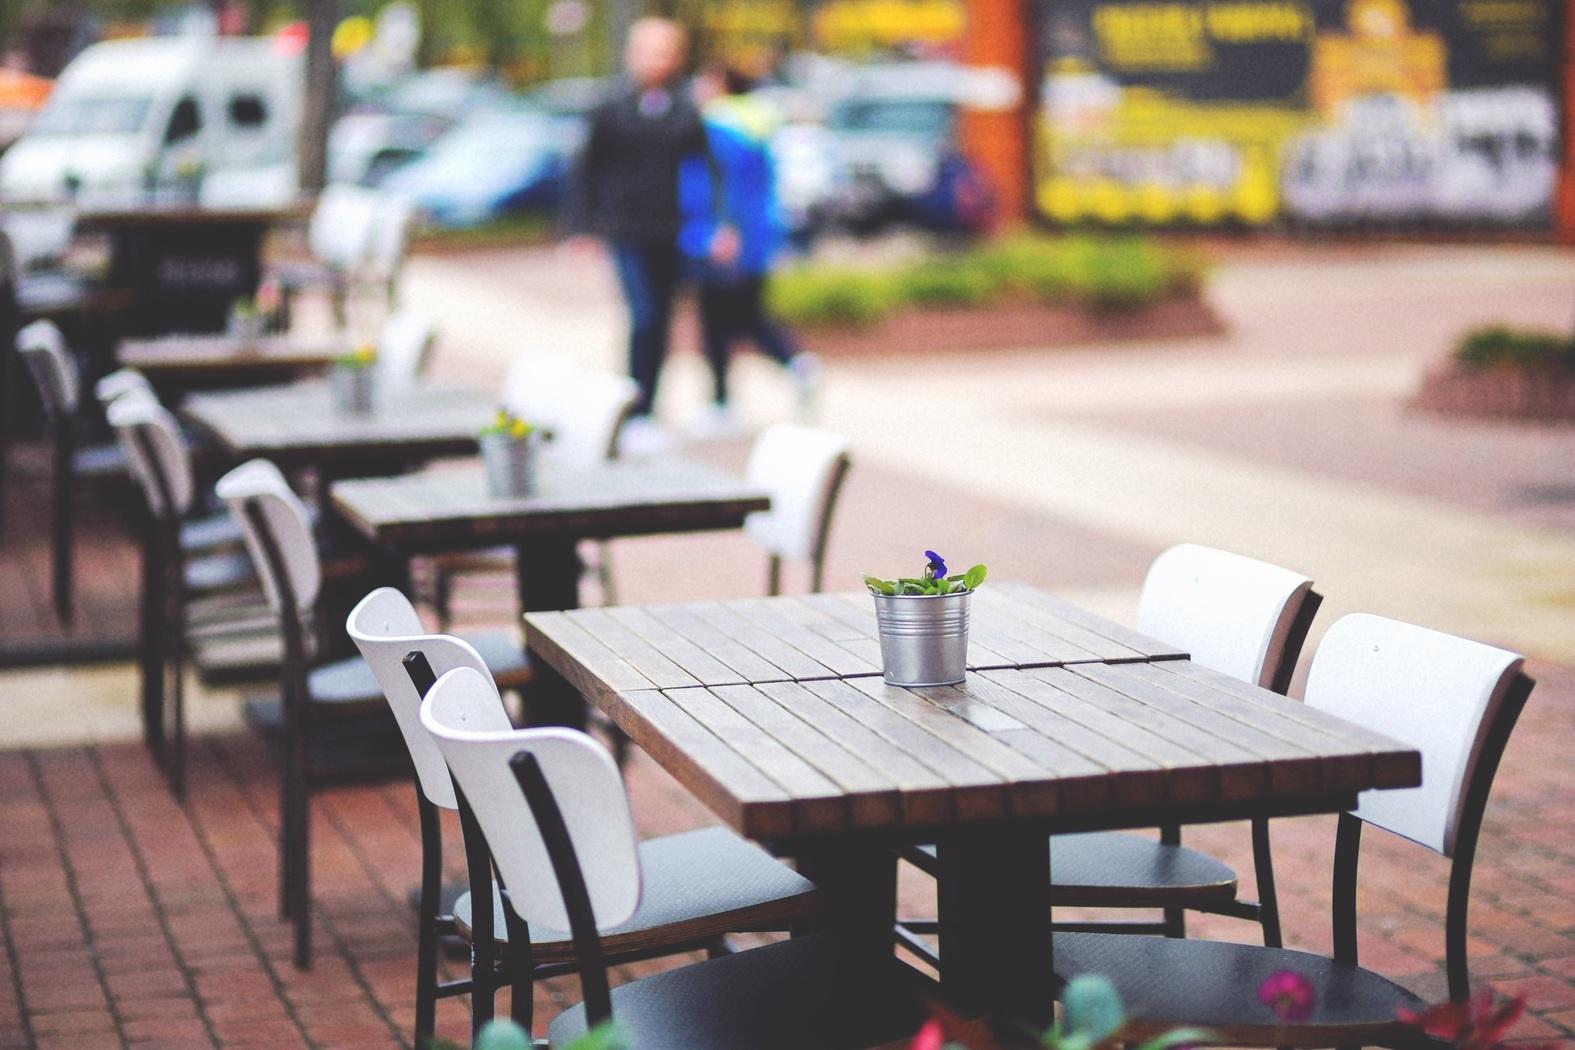 Mazara. Ampliamento e concessione spazi pubblici per ristorazione, gelaterie e pasticcerie, bar ed esercizi similari. Le domande entro il 31 maggio